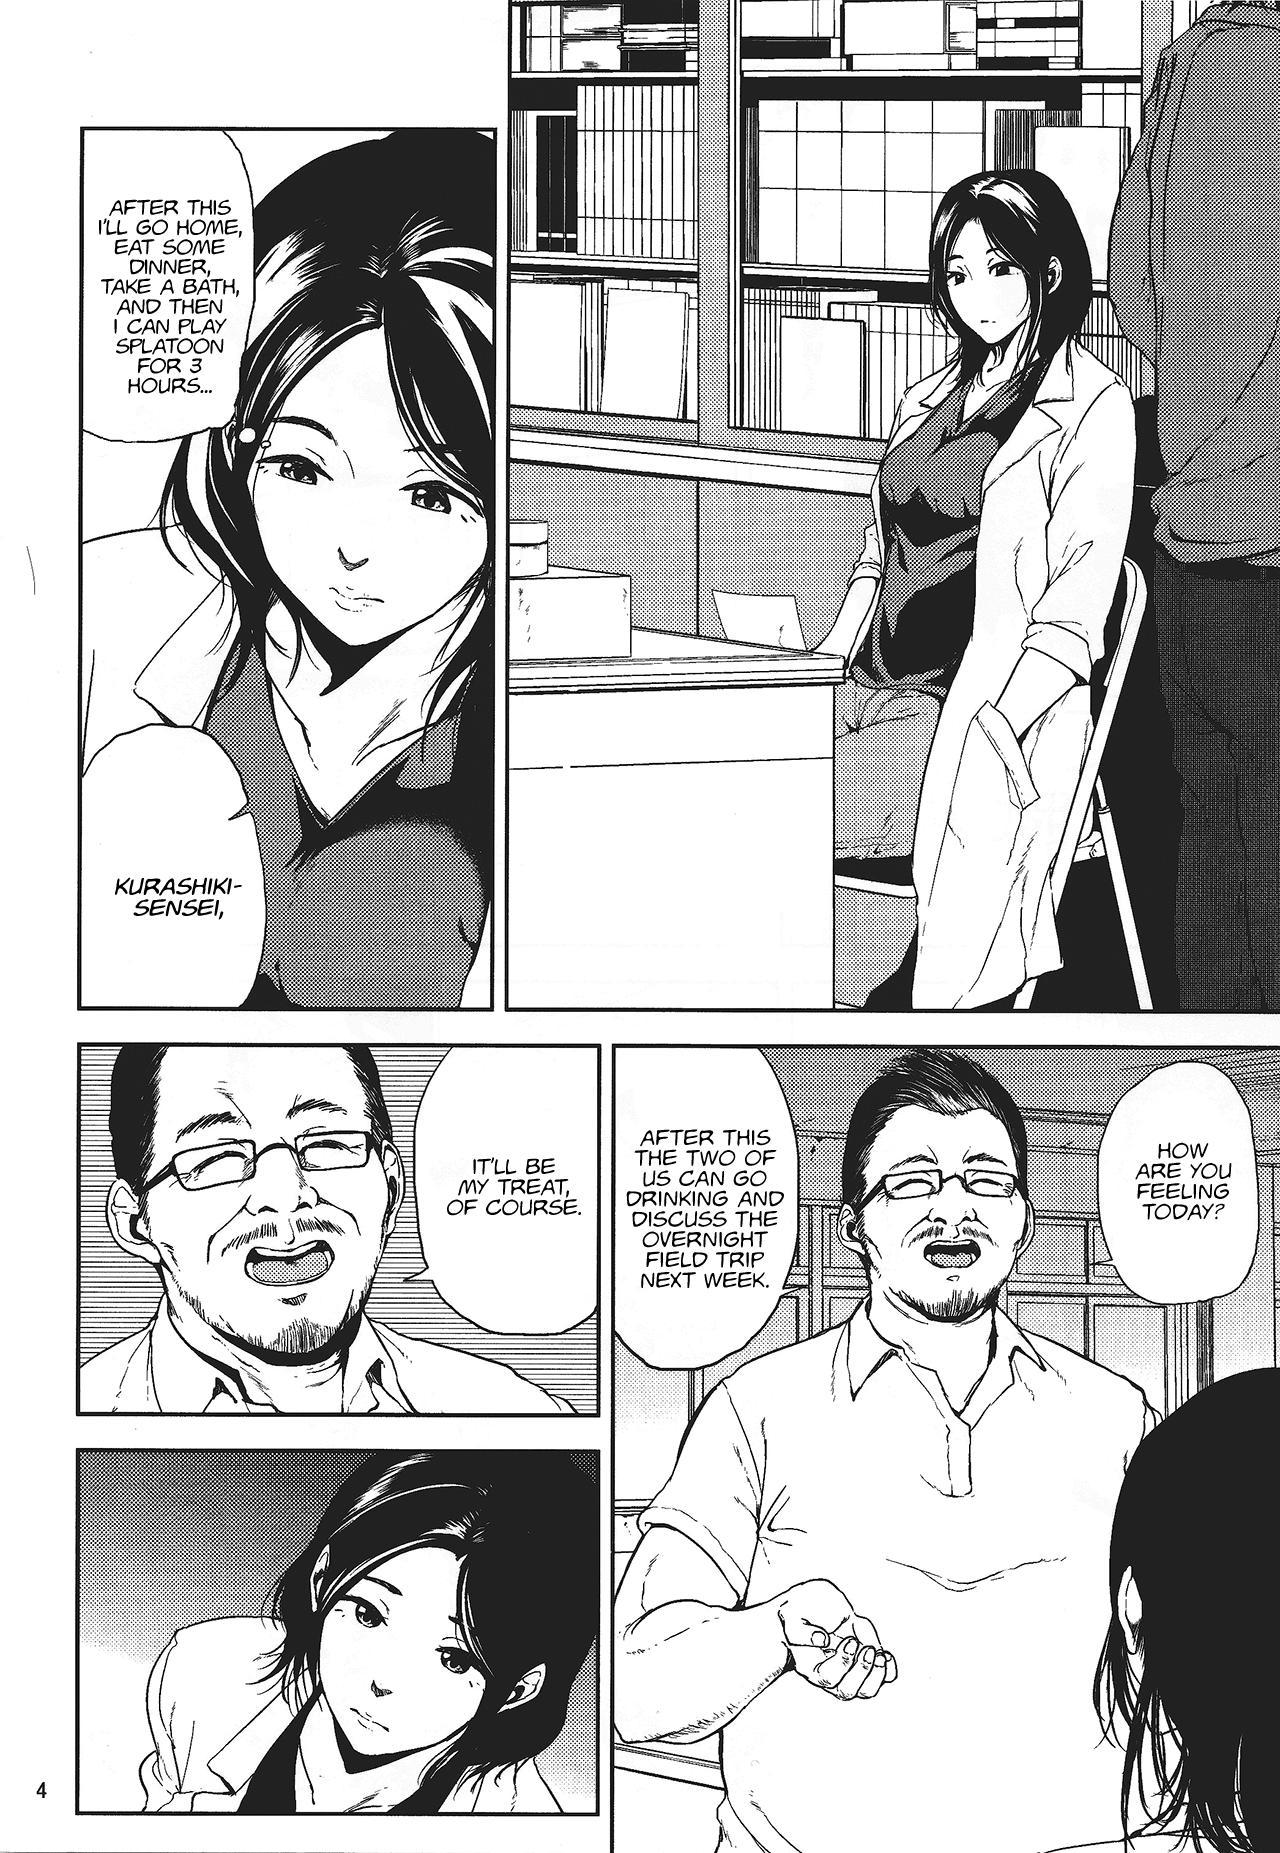 (C88) [Gossipgothic (Shishiji)] Kurashiki-sensei wa Hatsujouki (Fujiyama-san wa Shishunki) | Kurashiki-sensei is in heat (a play on Shishunki) [English] 2